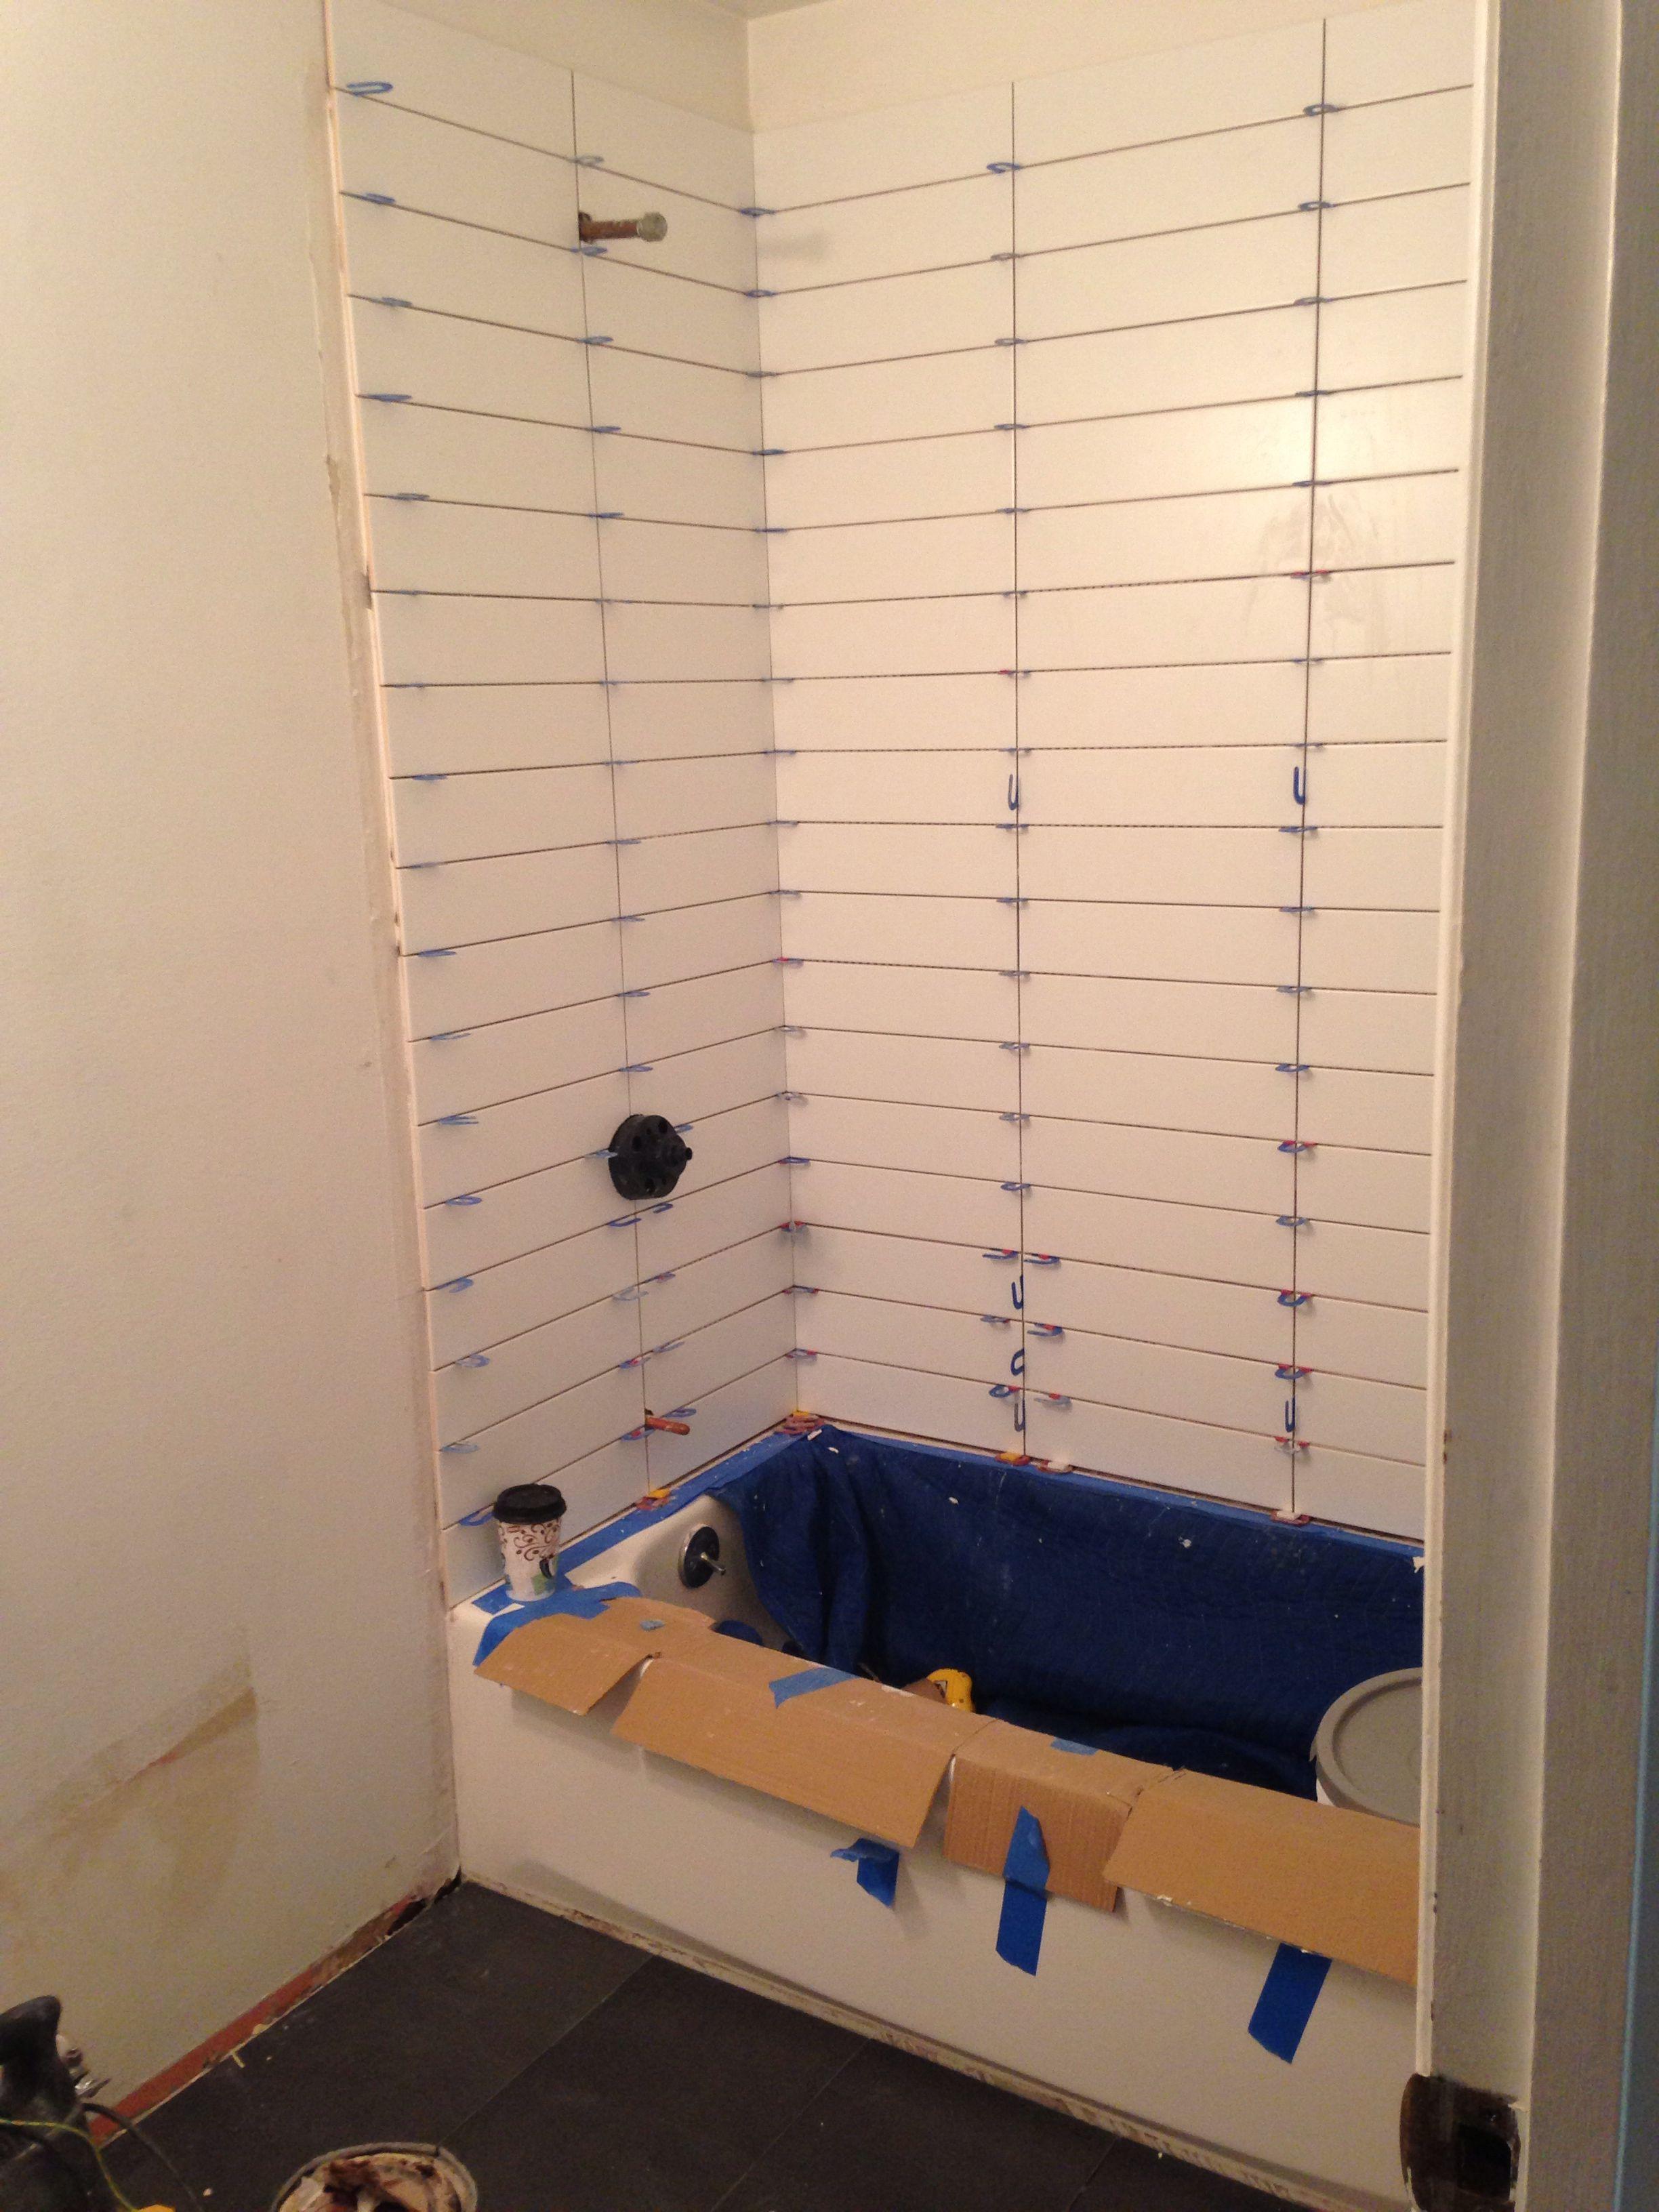 Bathroom Tile: Shower Tile. 4x16 Subway Tile, Matte Finish. Stacked